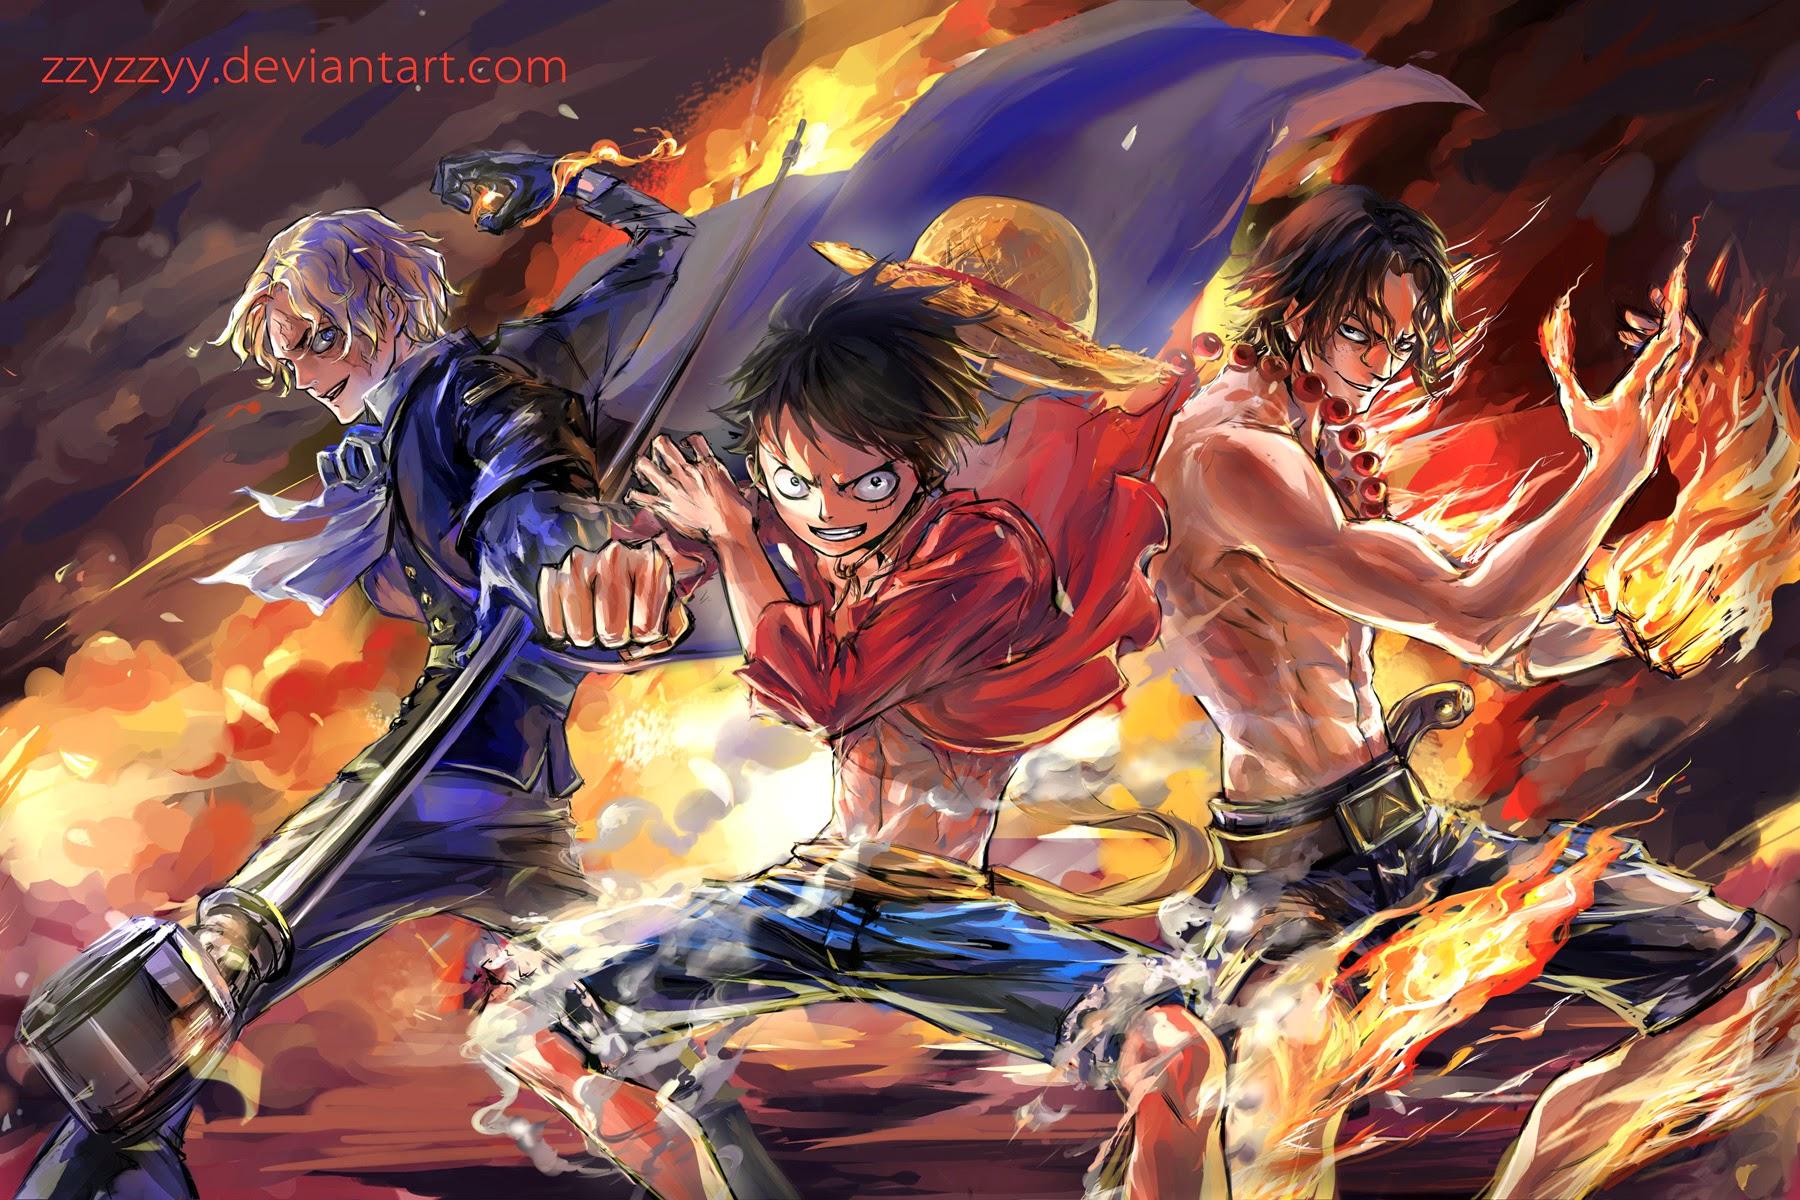 One Piece Chapter 750: Khơi màn cuộc chiến 017